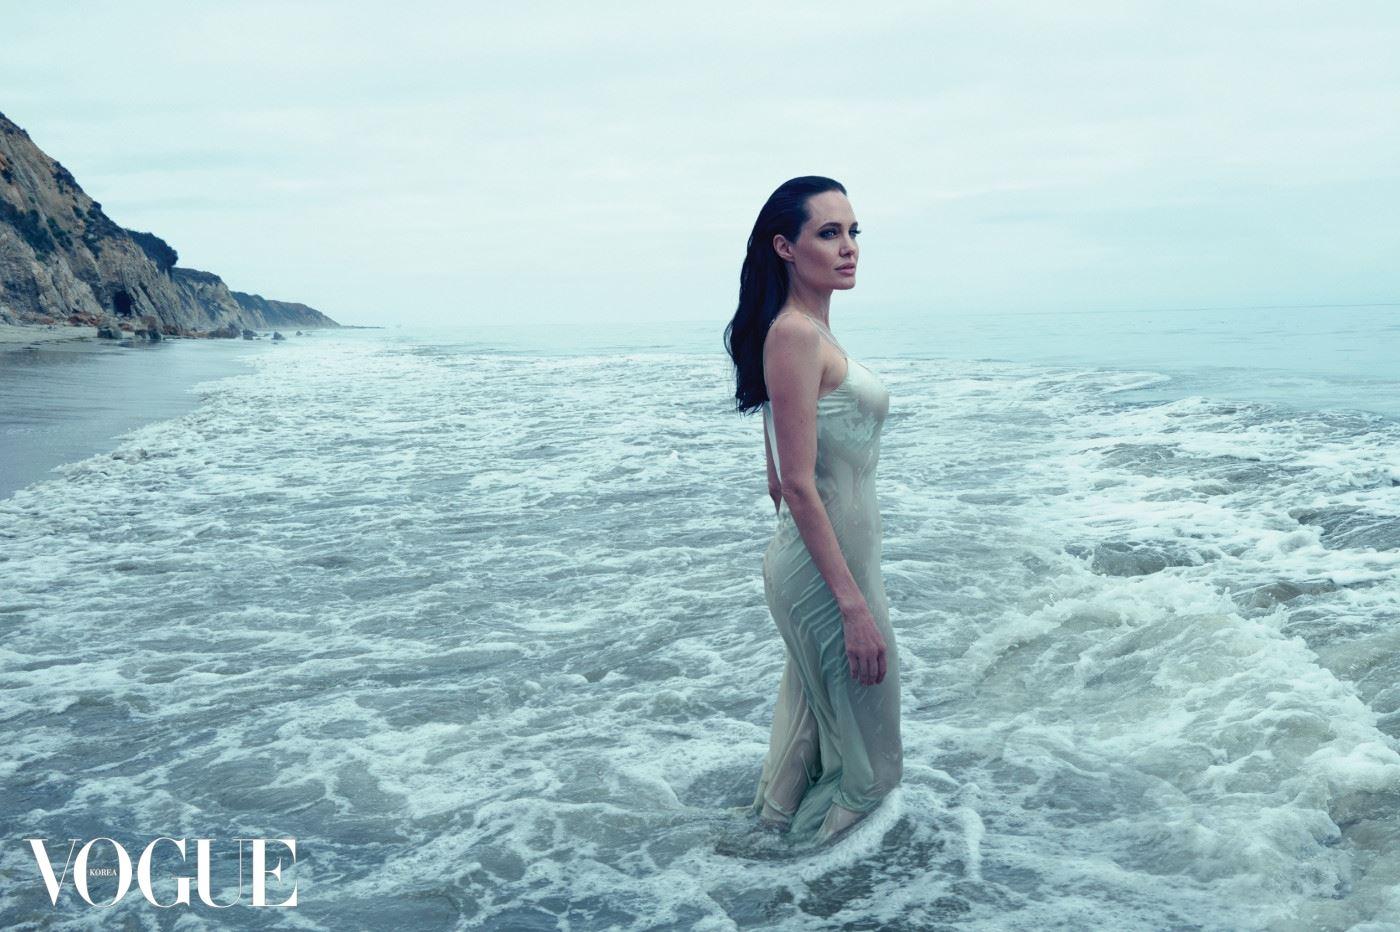 THE BIRTH OF VENUS   안젤리나 졸리를 배우라는 하나의 역할에만 국한할 순 없다. 이 아름다운 배우는 현재 촬영 중인 영화의 주인공이자 시나리오 작가, 감독, 프로듀서이기도 하다. 드레스는 캘빈 클라인 컬렉션(Calvin Klein Collection).